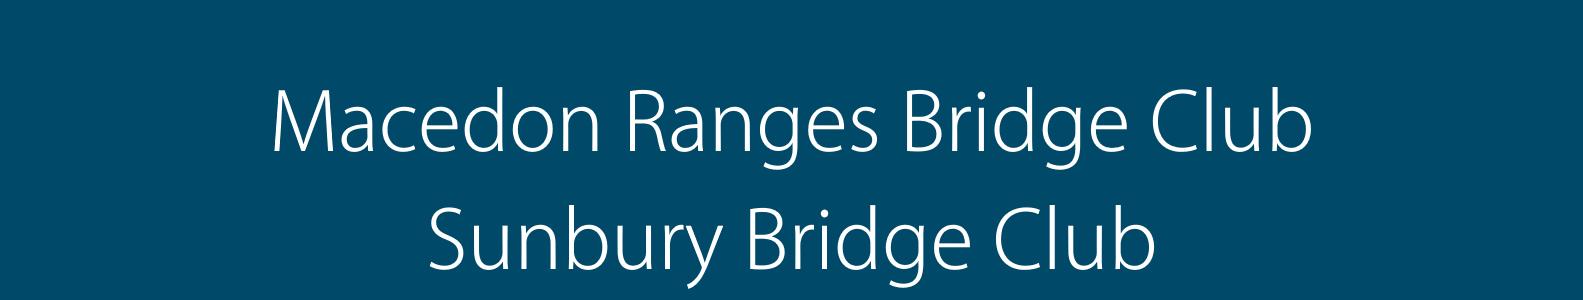 Registering for Macedon Ranges / Sunbury games